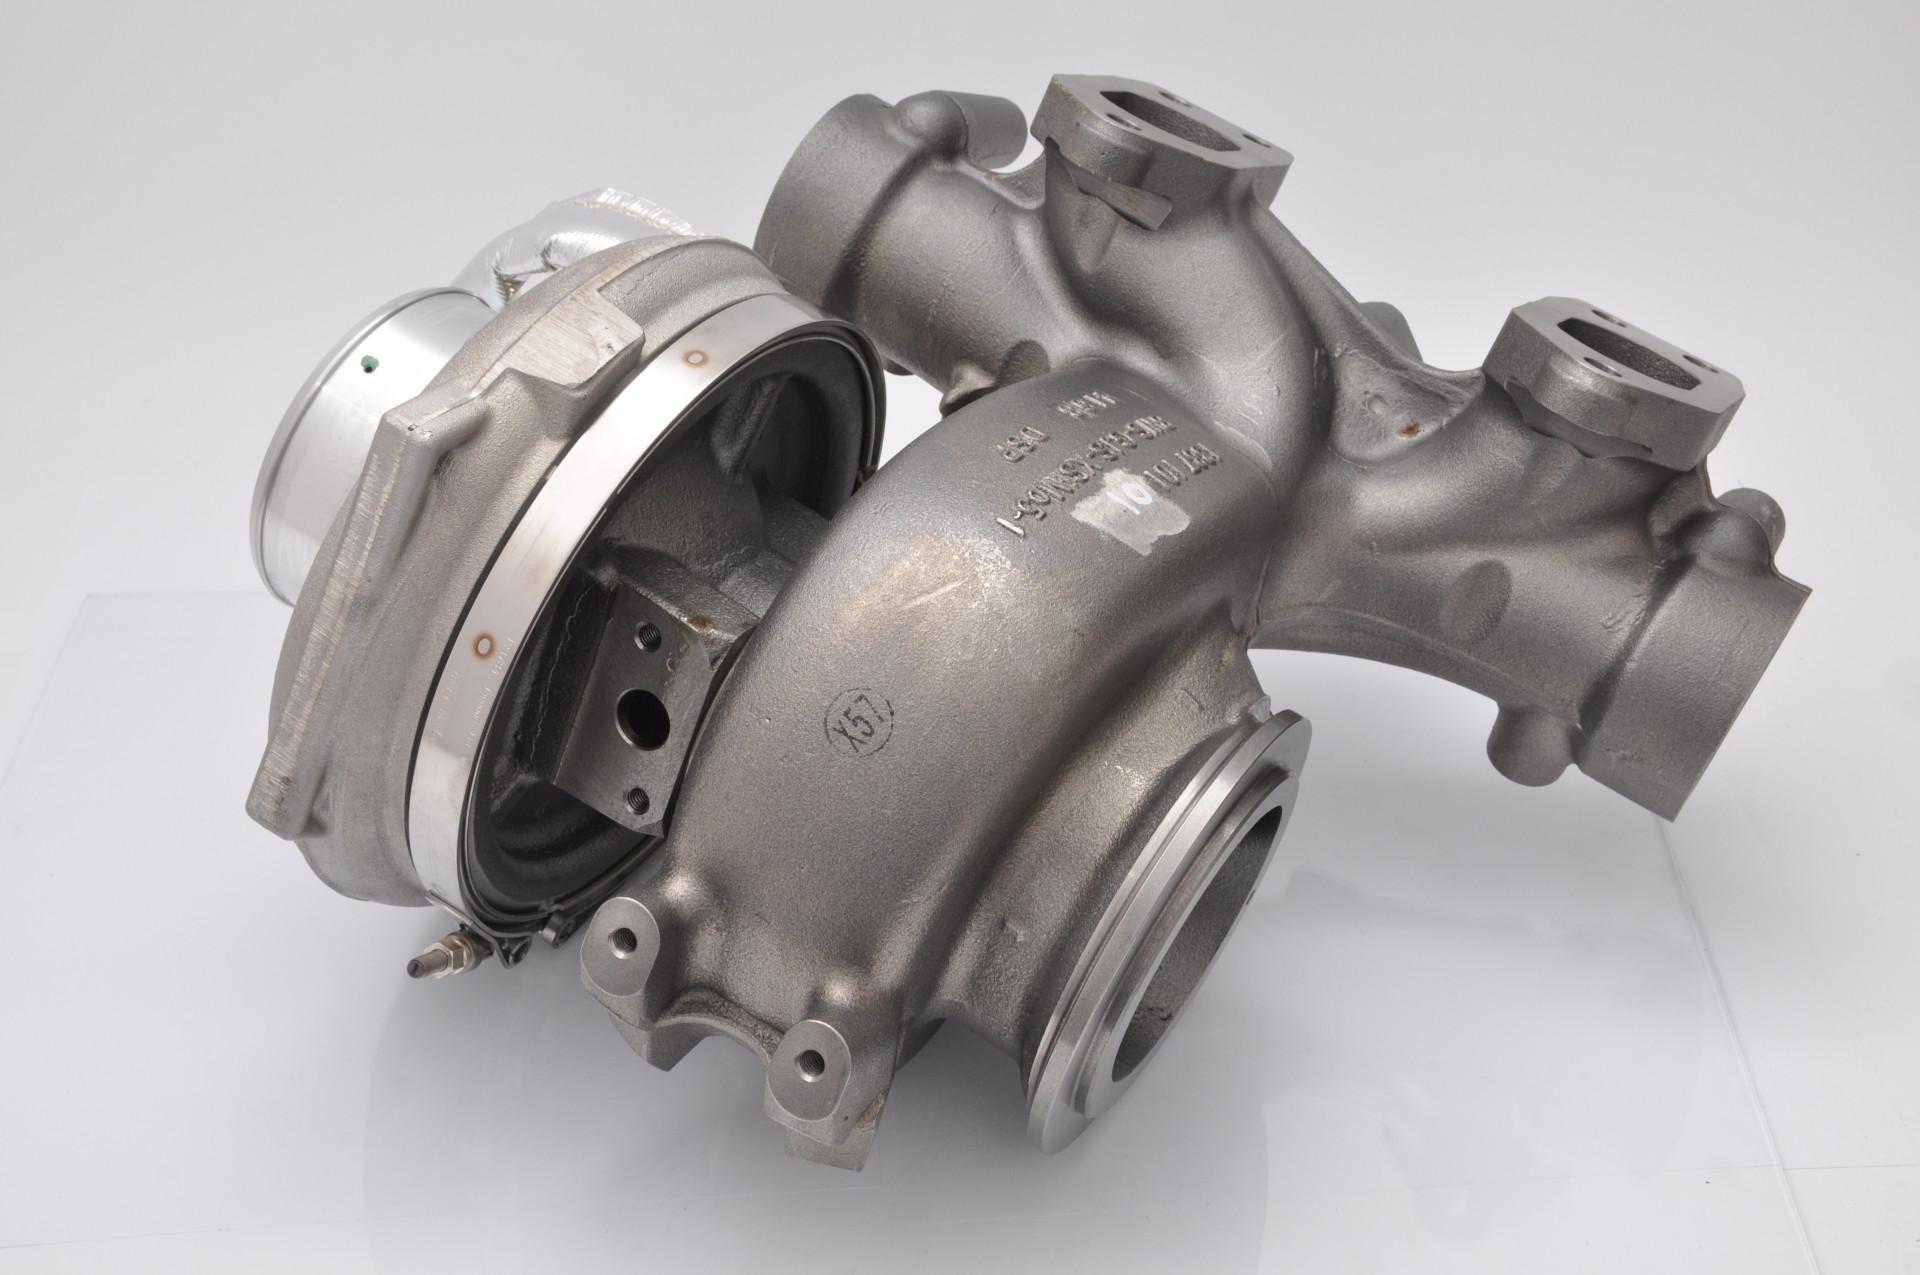 Ekonomiczna alternatywa dla nowej turbosprężarki_02.JPG